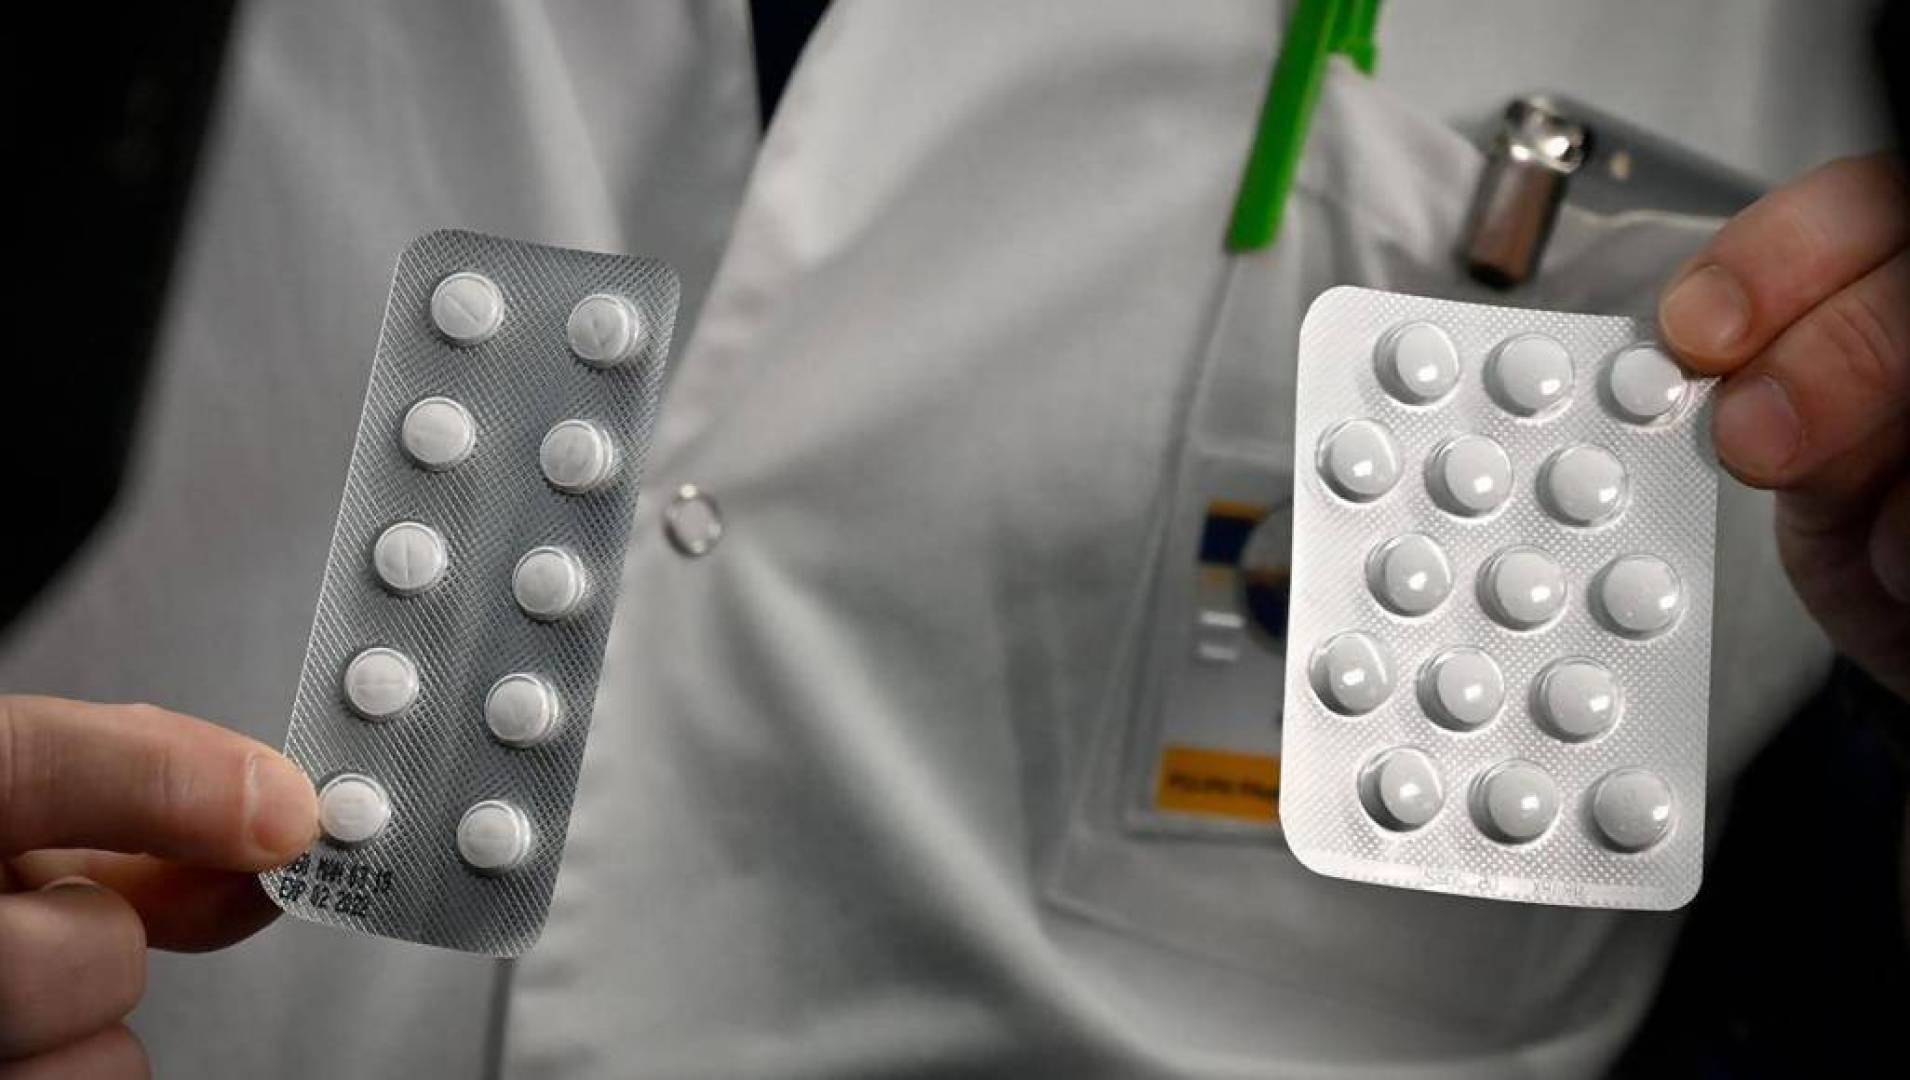 الحكومة الفرنسية توقع قراراً باستخدام «الكلوروكين» لعلاج كورونا